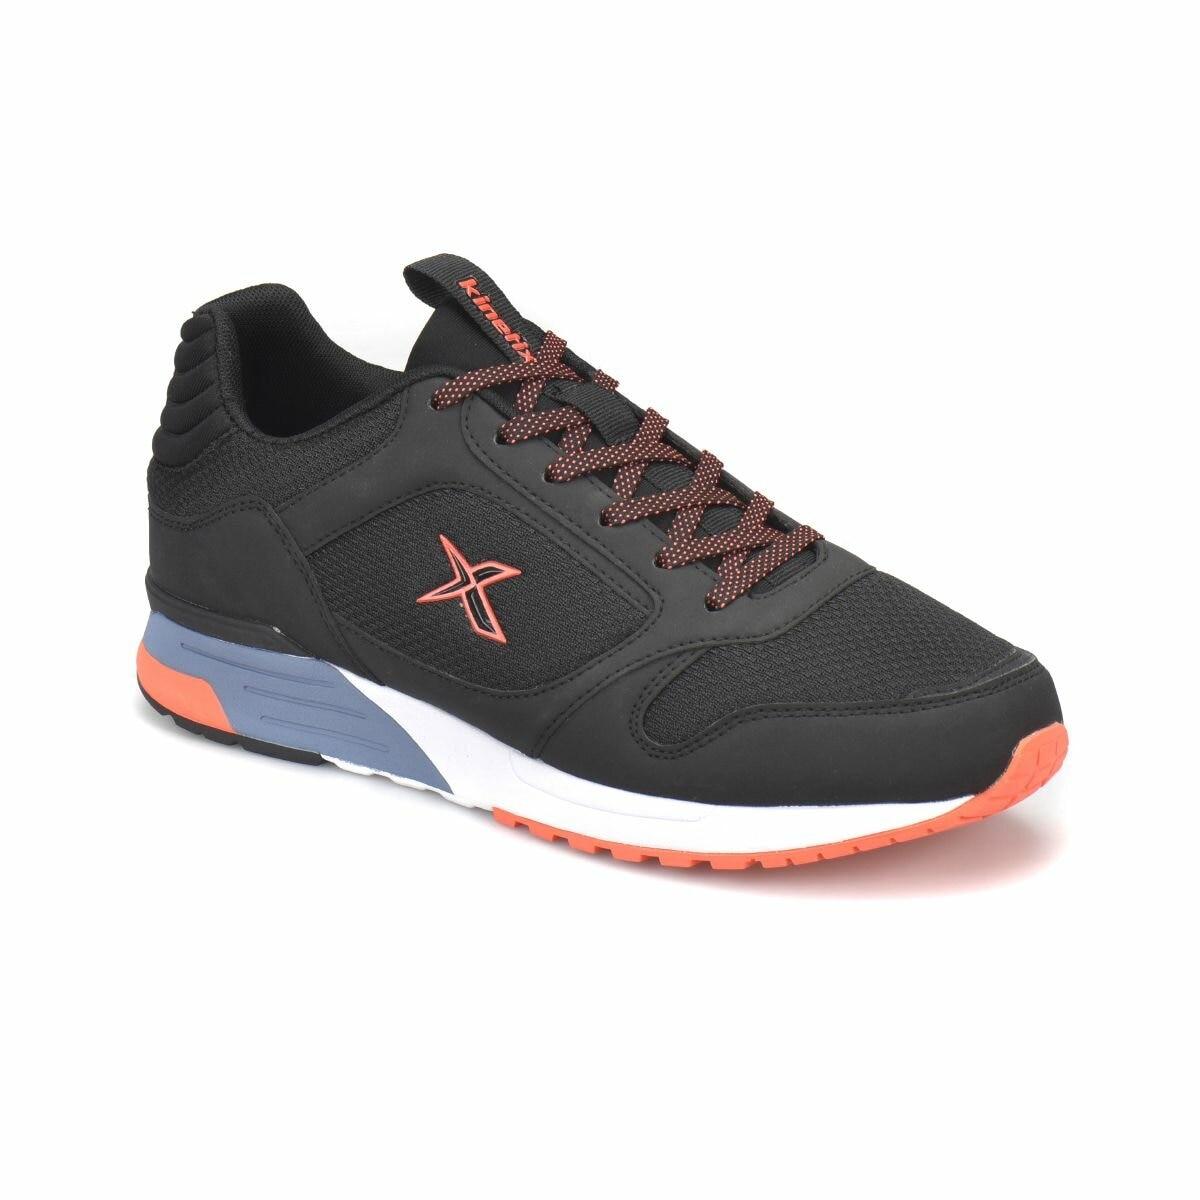 FLO FALLER MESH M Black Men 'S Sneaker Shoes KINETIX